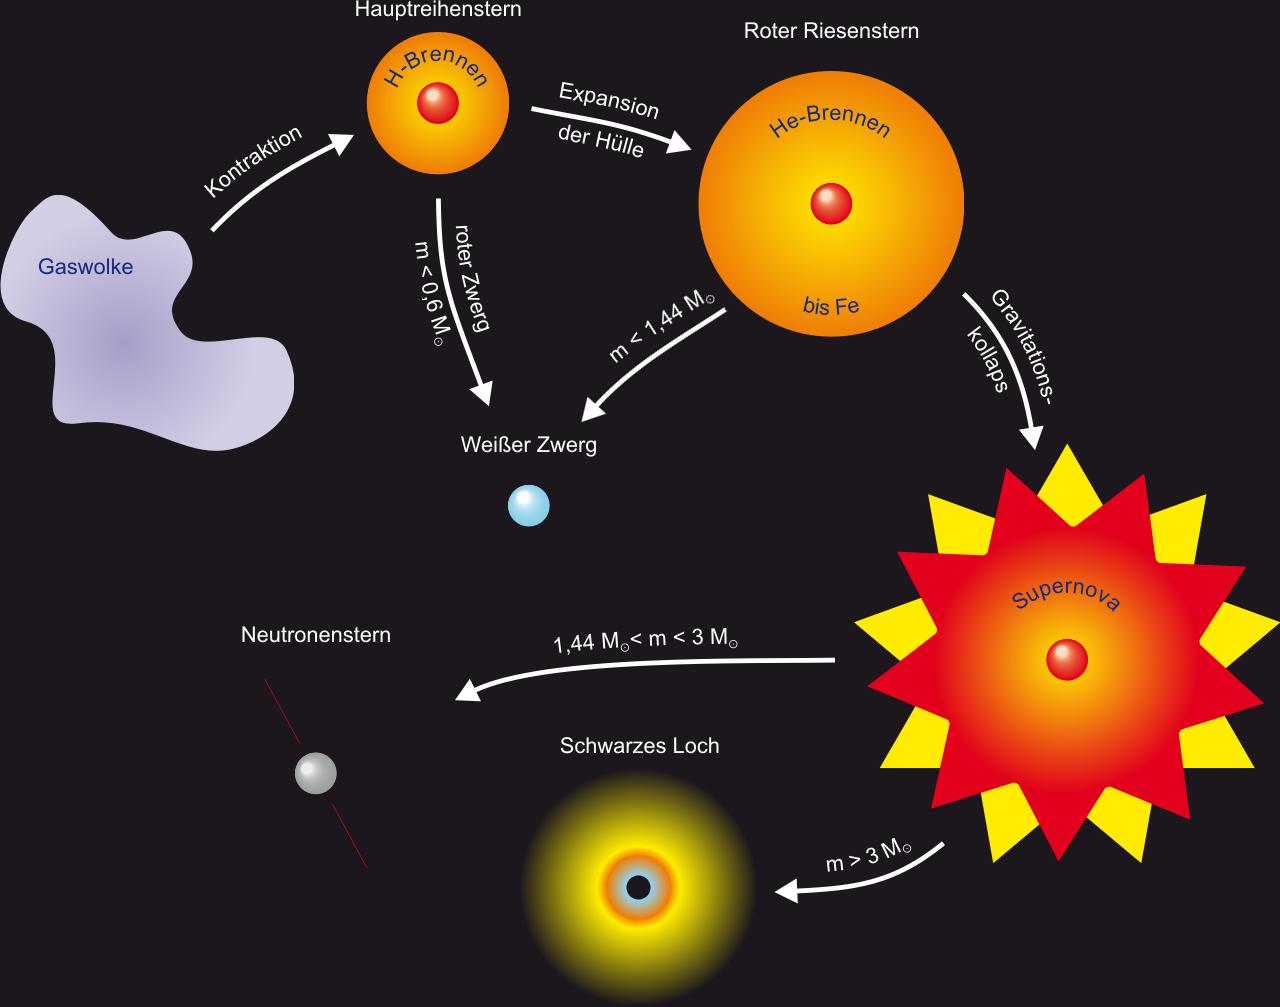 Sternentwicklung in der Wikipedia